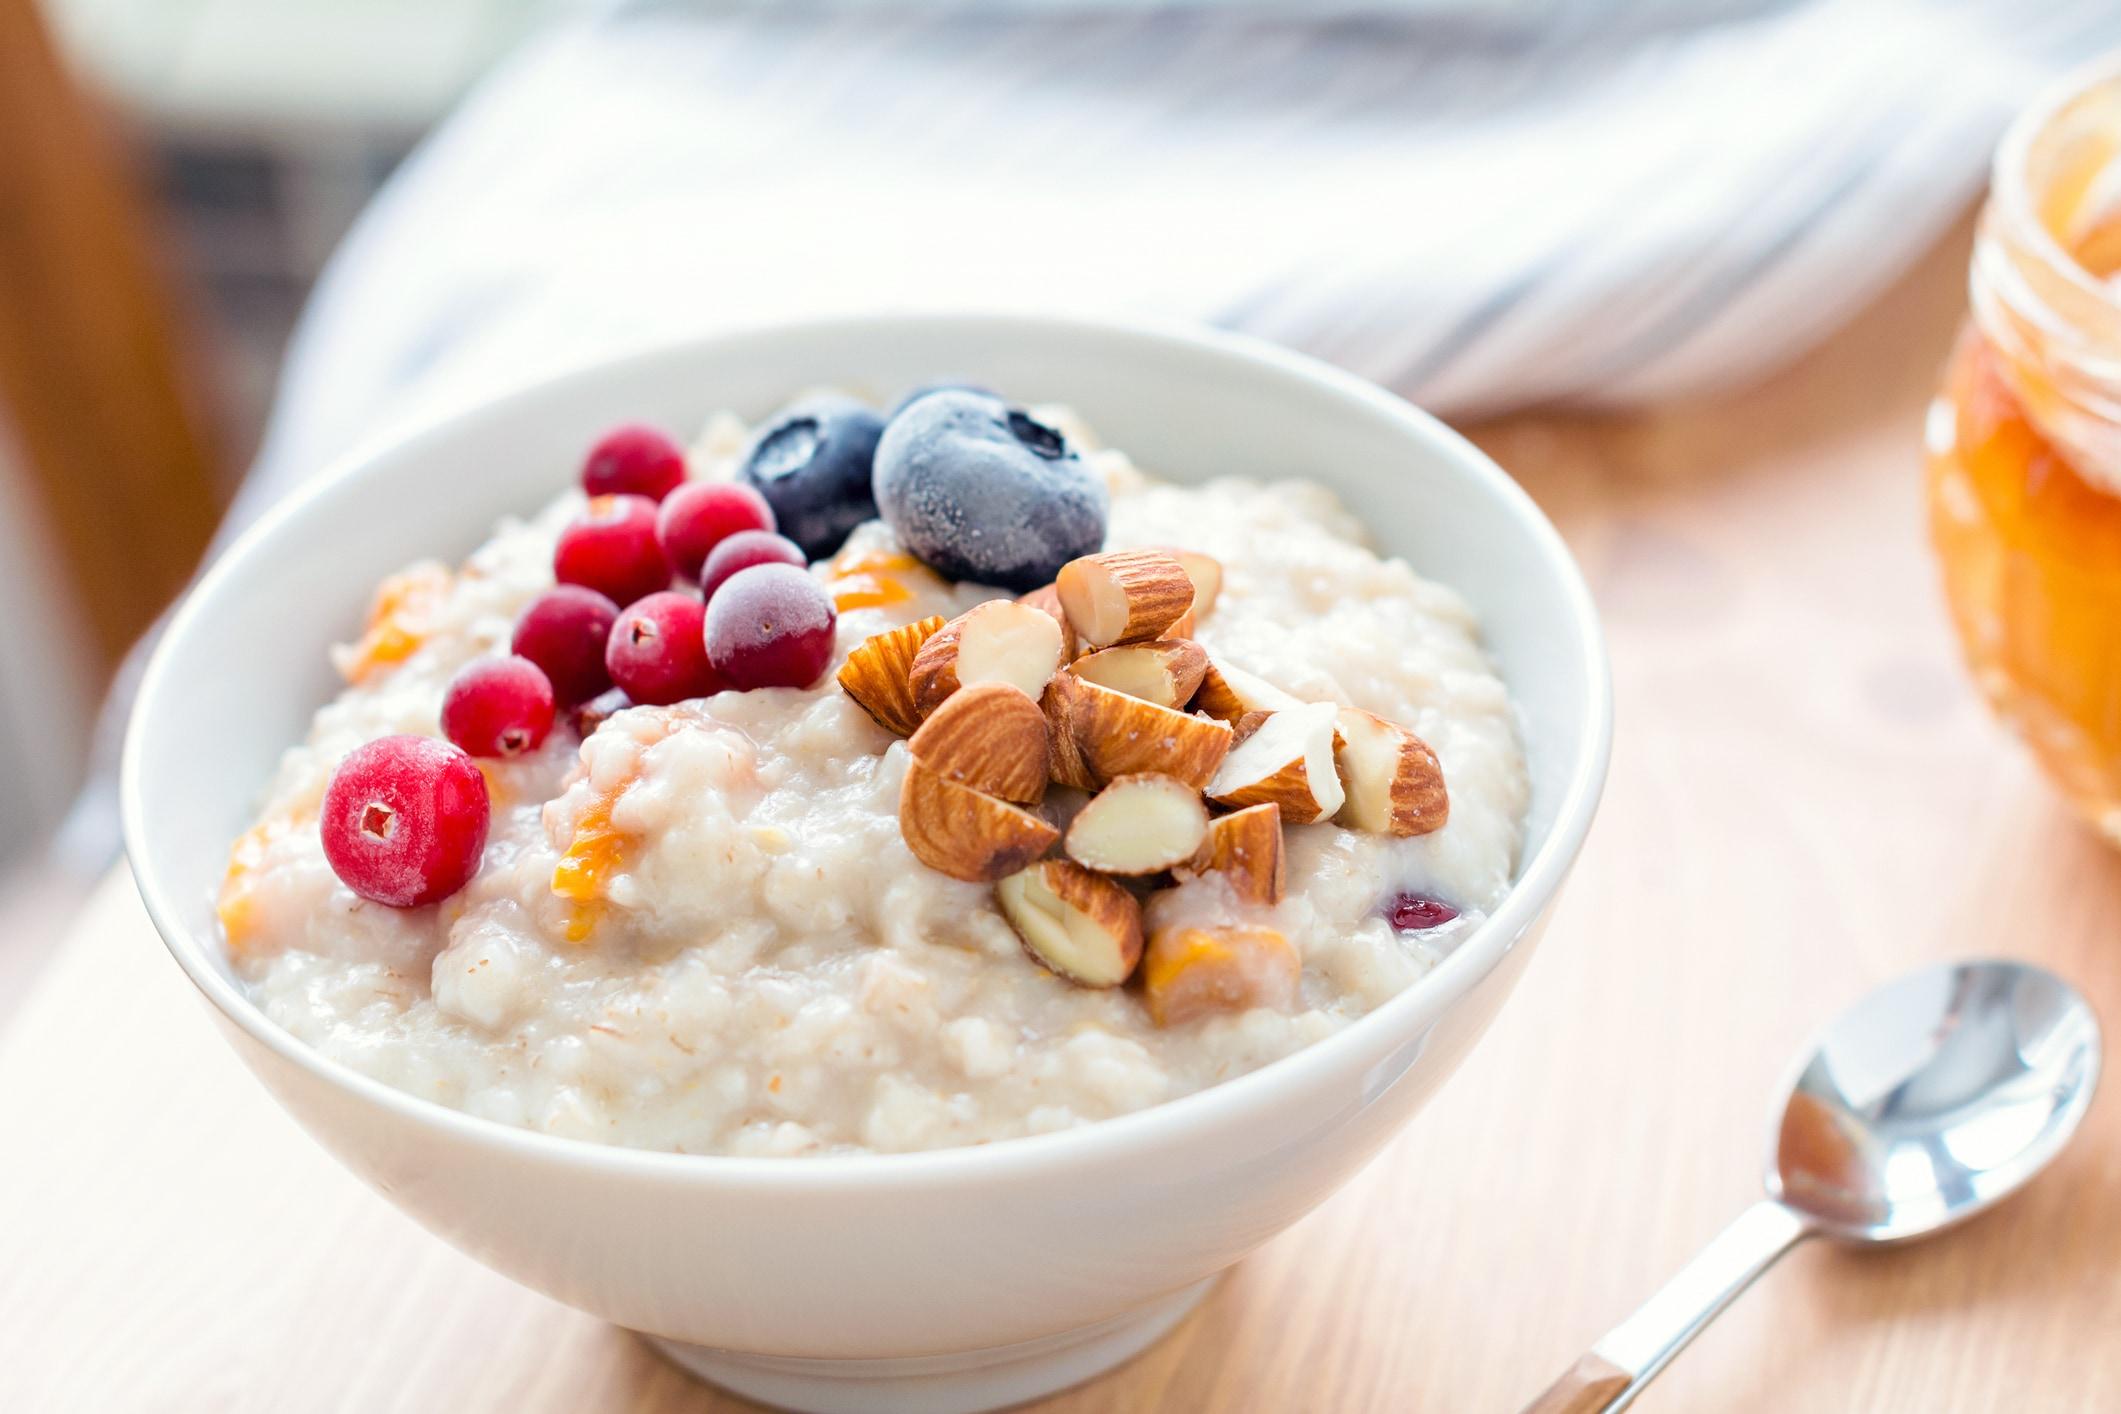 fogyni, ha már egészségesen eszik